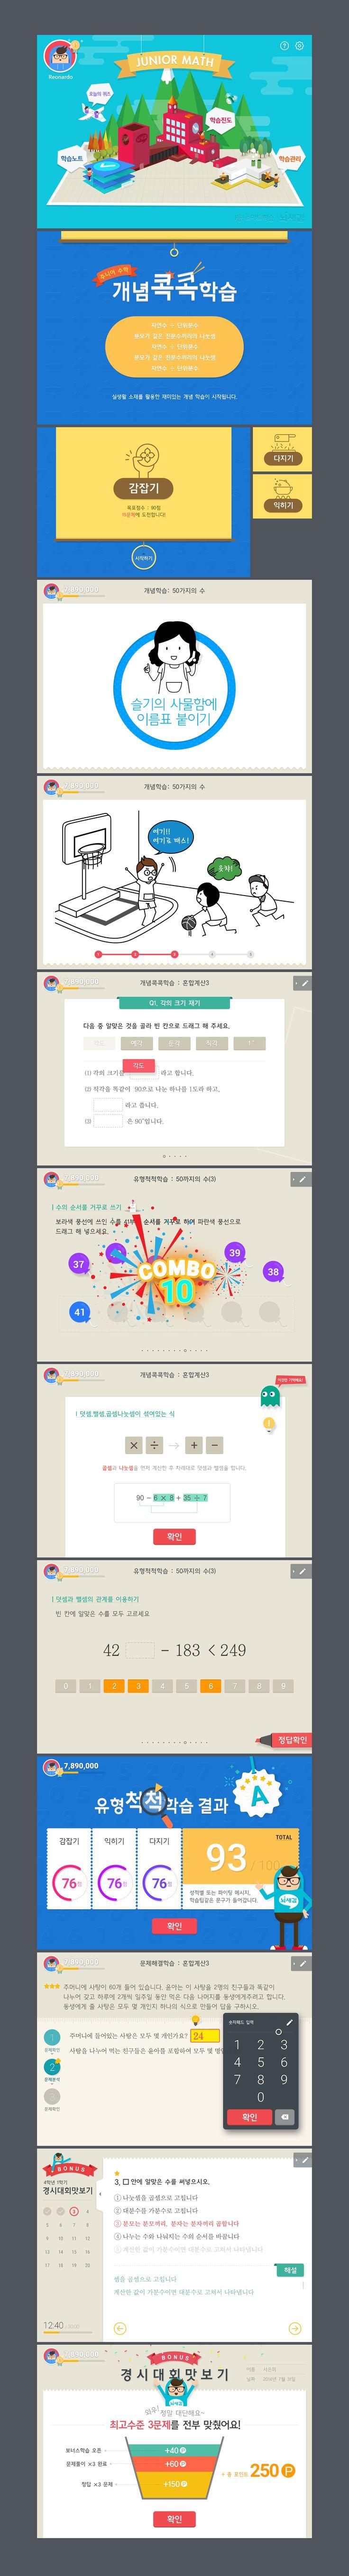 주니어수학 GUI 디자인